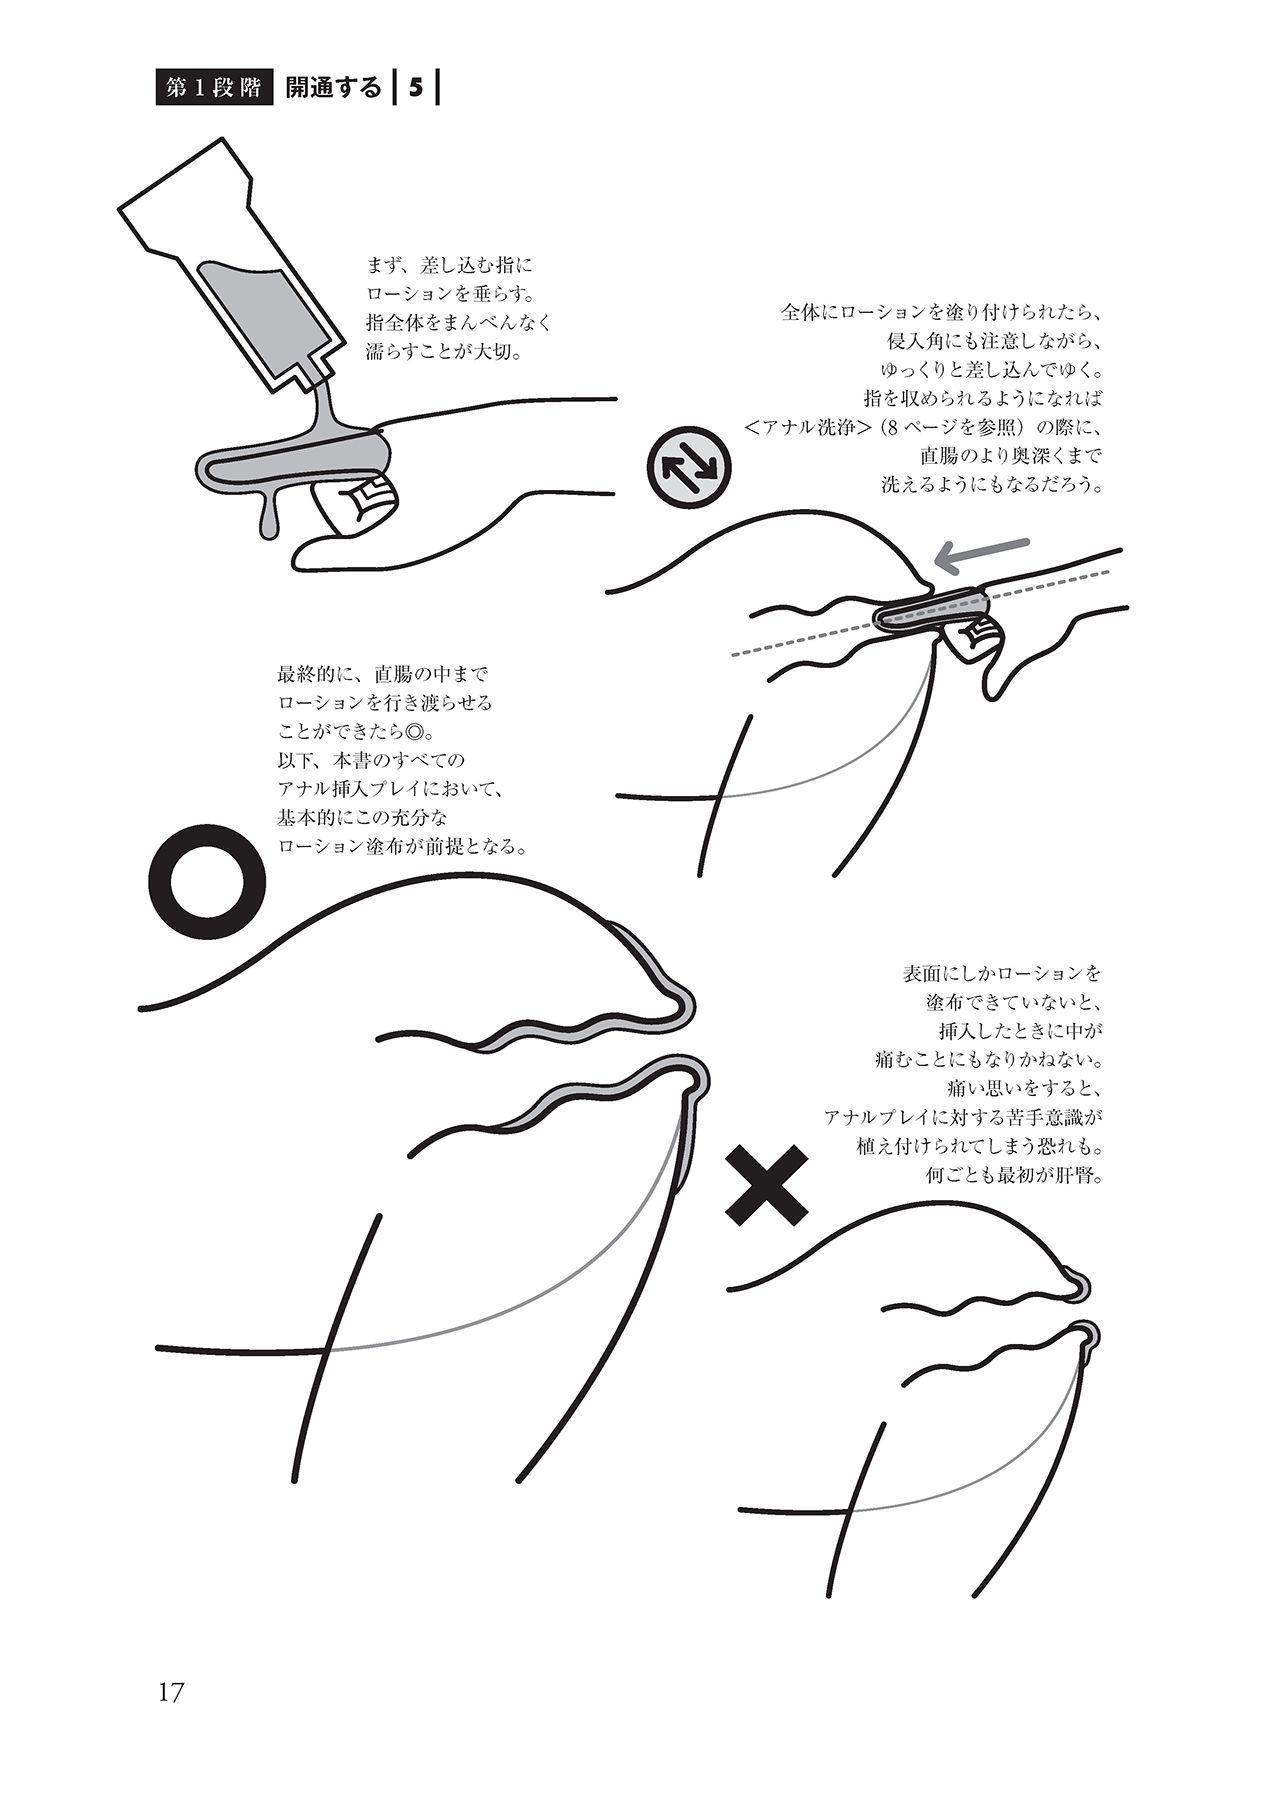 アナル性感開発・お尻エッチ 完全マニュアル 18